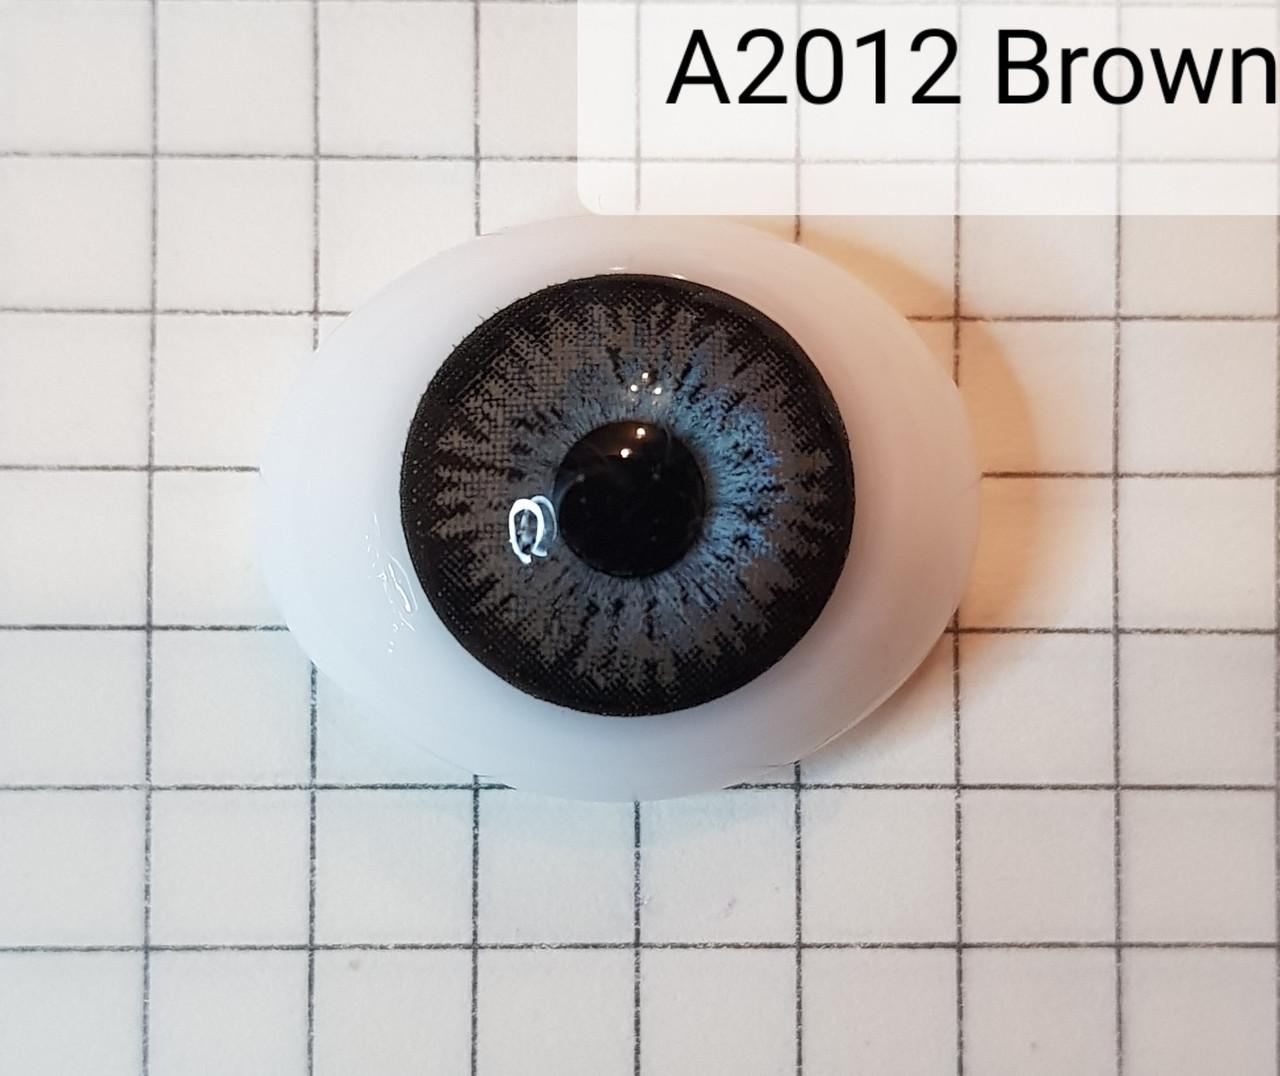 Контактные линзы A2012 Brown -2.00 - фото 3